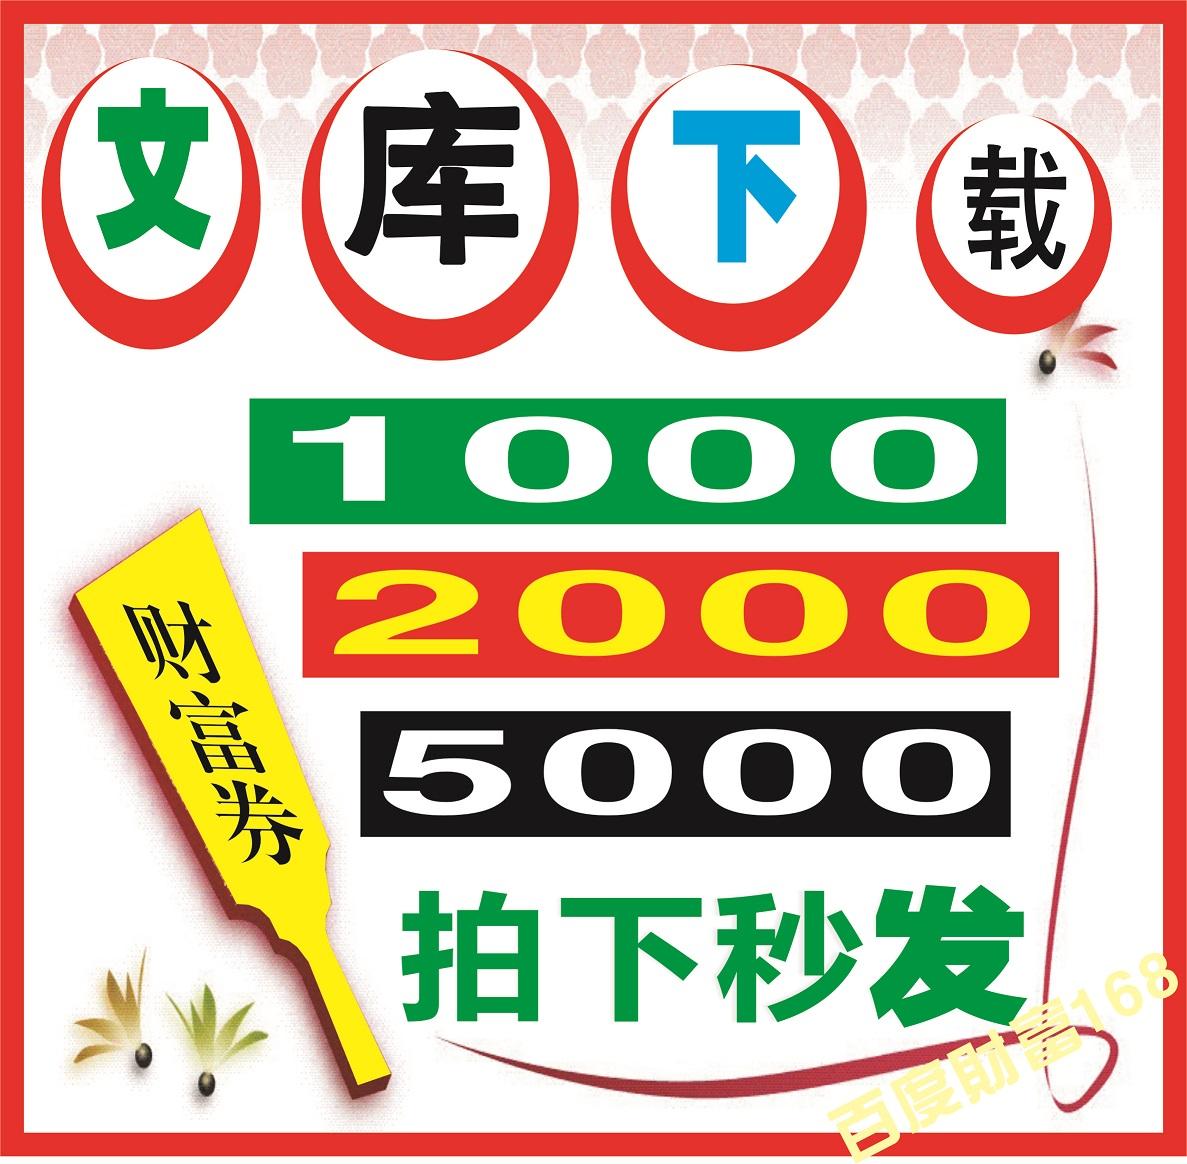 Baidu культура файлы поколение скачать белый степень культура склад ваучеры культура файлы заряжать значение обмен изменение билет / богатство объем не- член скачать значение